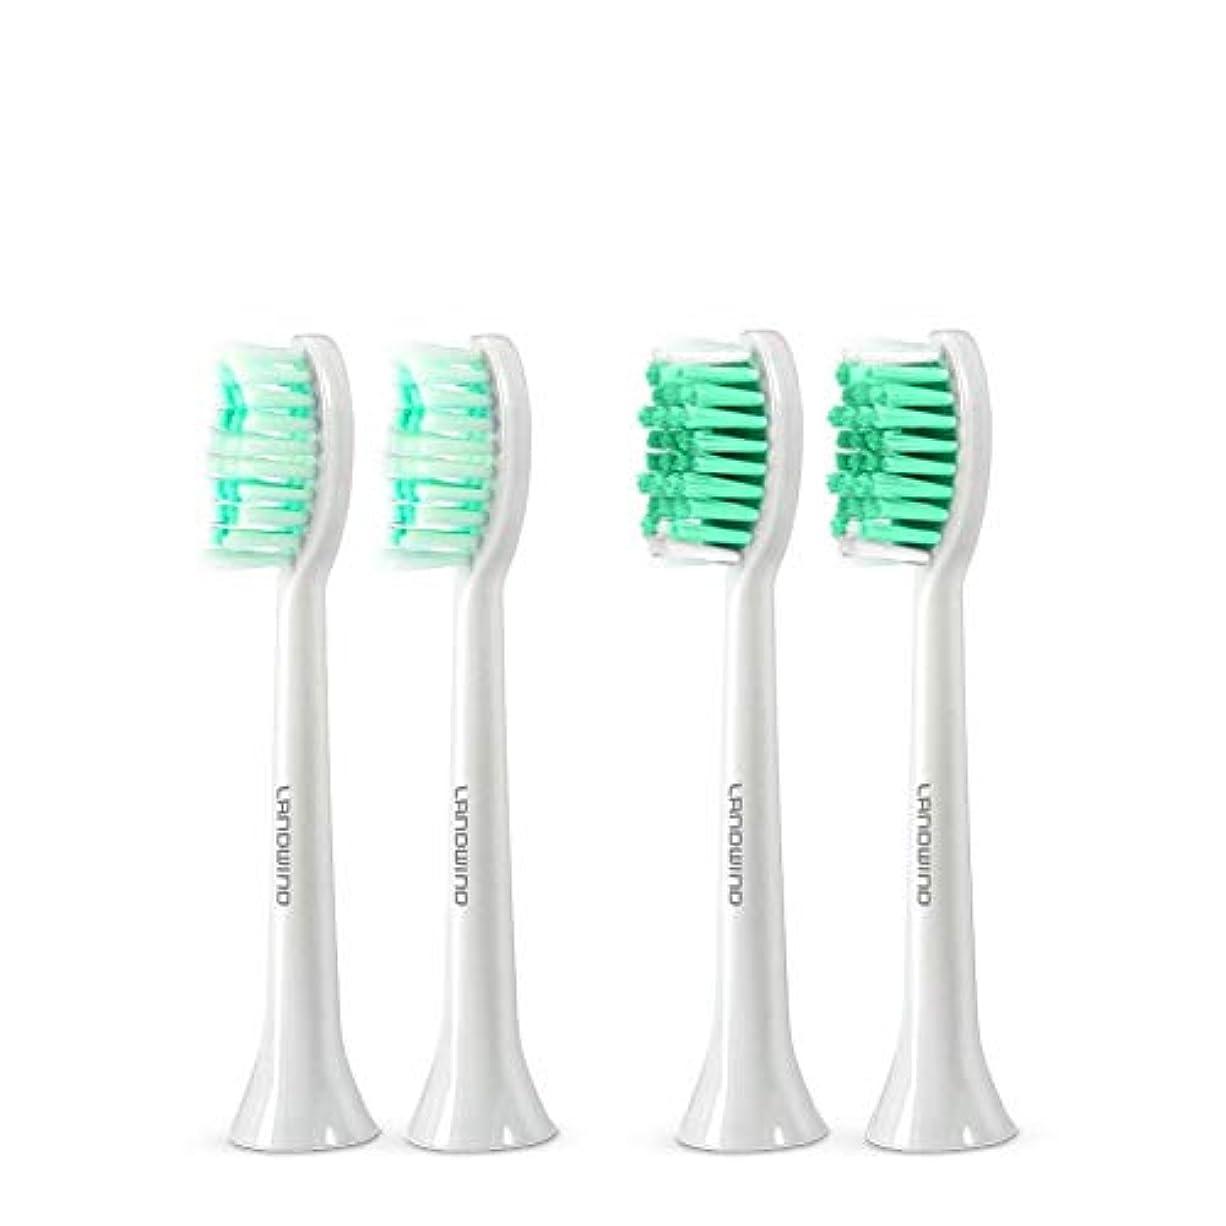 文芸ガレージロードされた歯ブラシ 替えブラシ4本入り 口内ケアキット 防水&水洗可 ホワイト